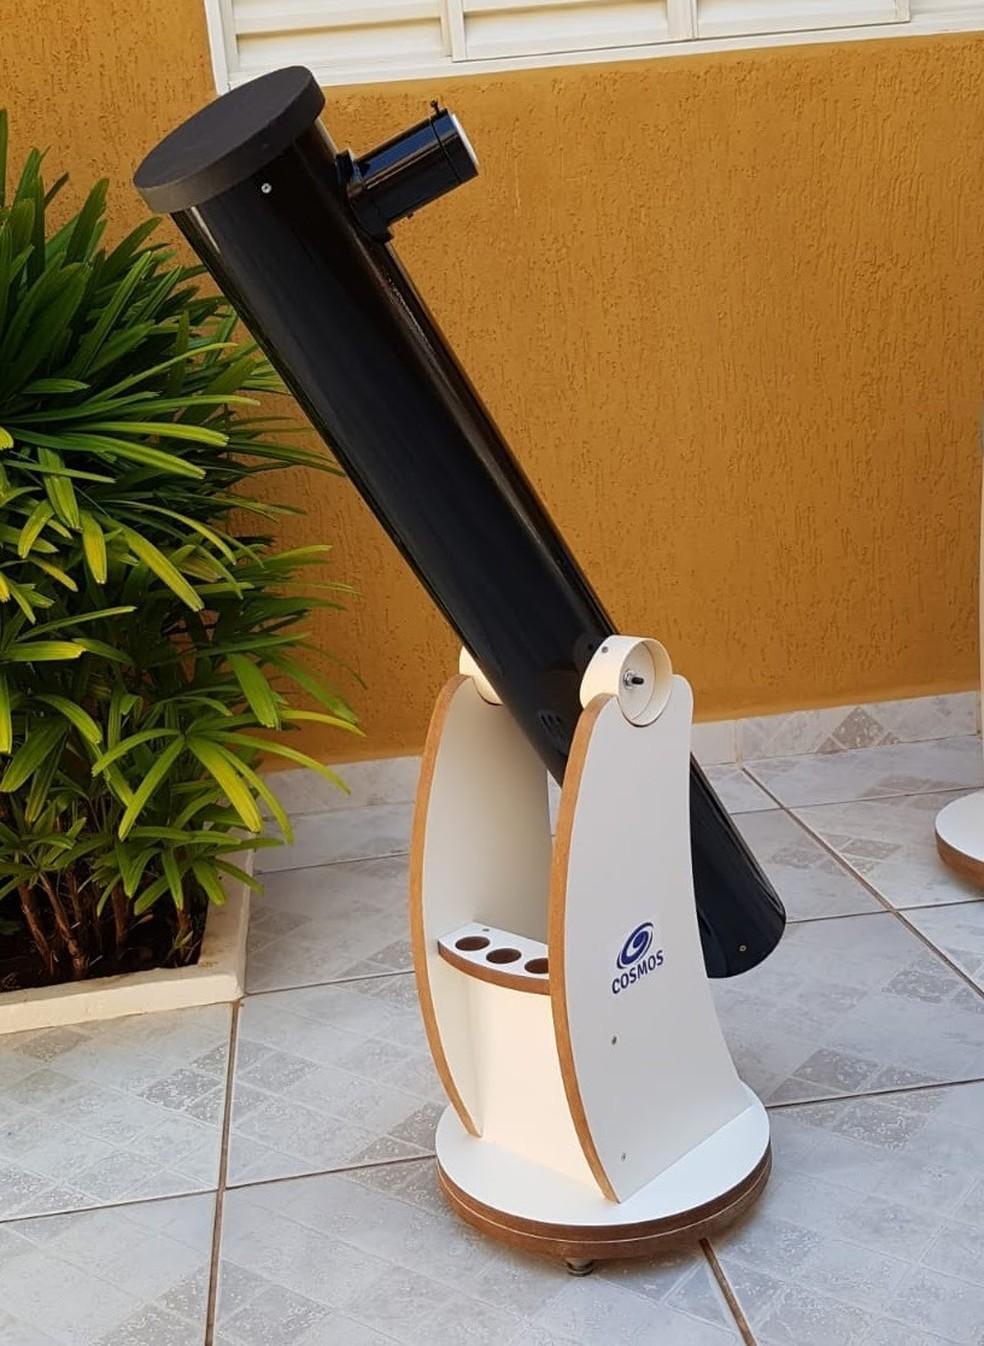 No Observatório da Unesp-Bauru, eclipse foi observado em um telescópio Cosmos, com lente ocular de 23mm e filtro — Foto: Rodolfo Langhi/Divulgação